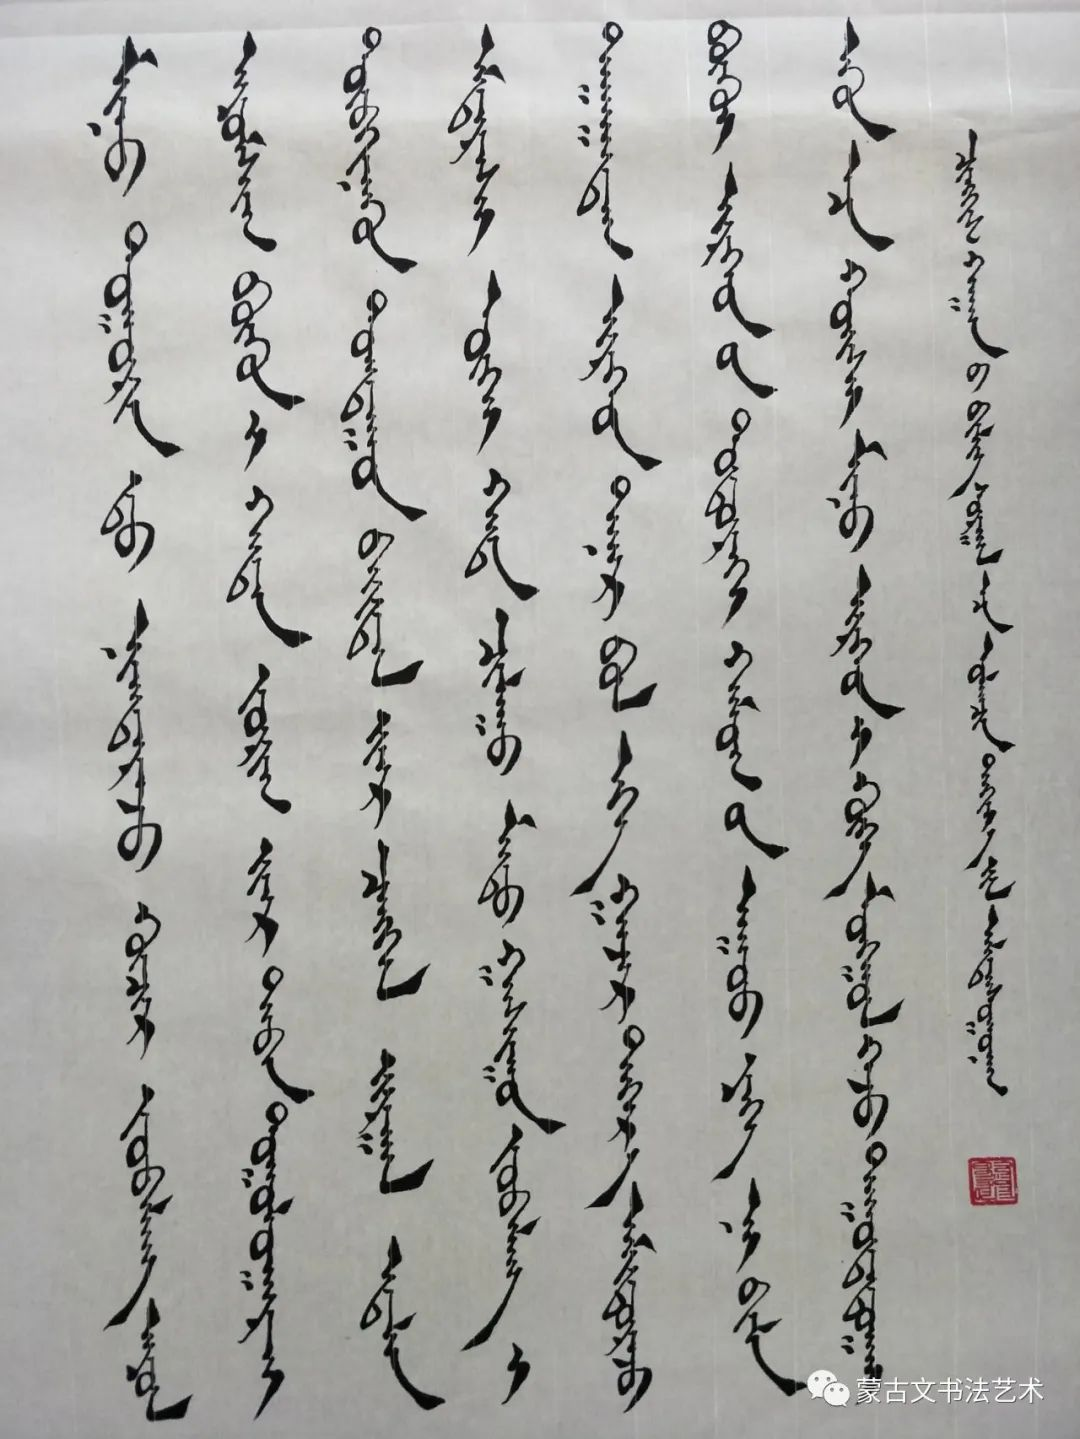 阿拉坦苏那嘎蒙古文书法 第14张 阿拉坦苏那嘎蒙古文书法 蒙古书法